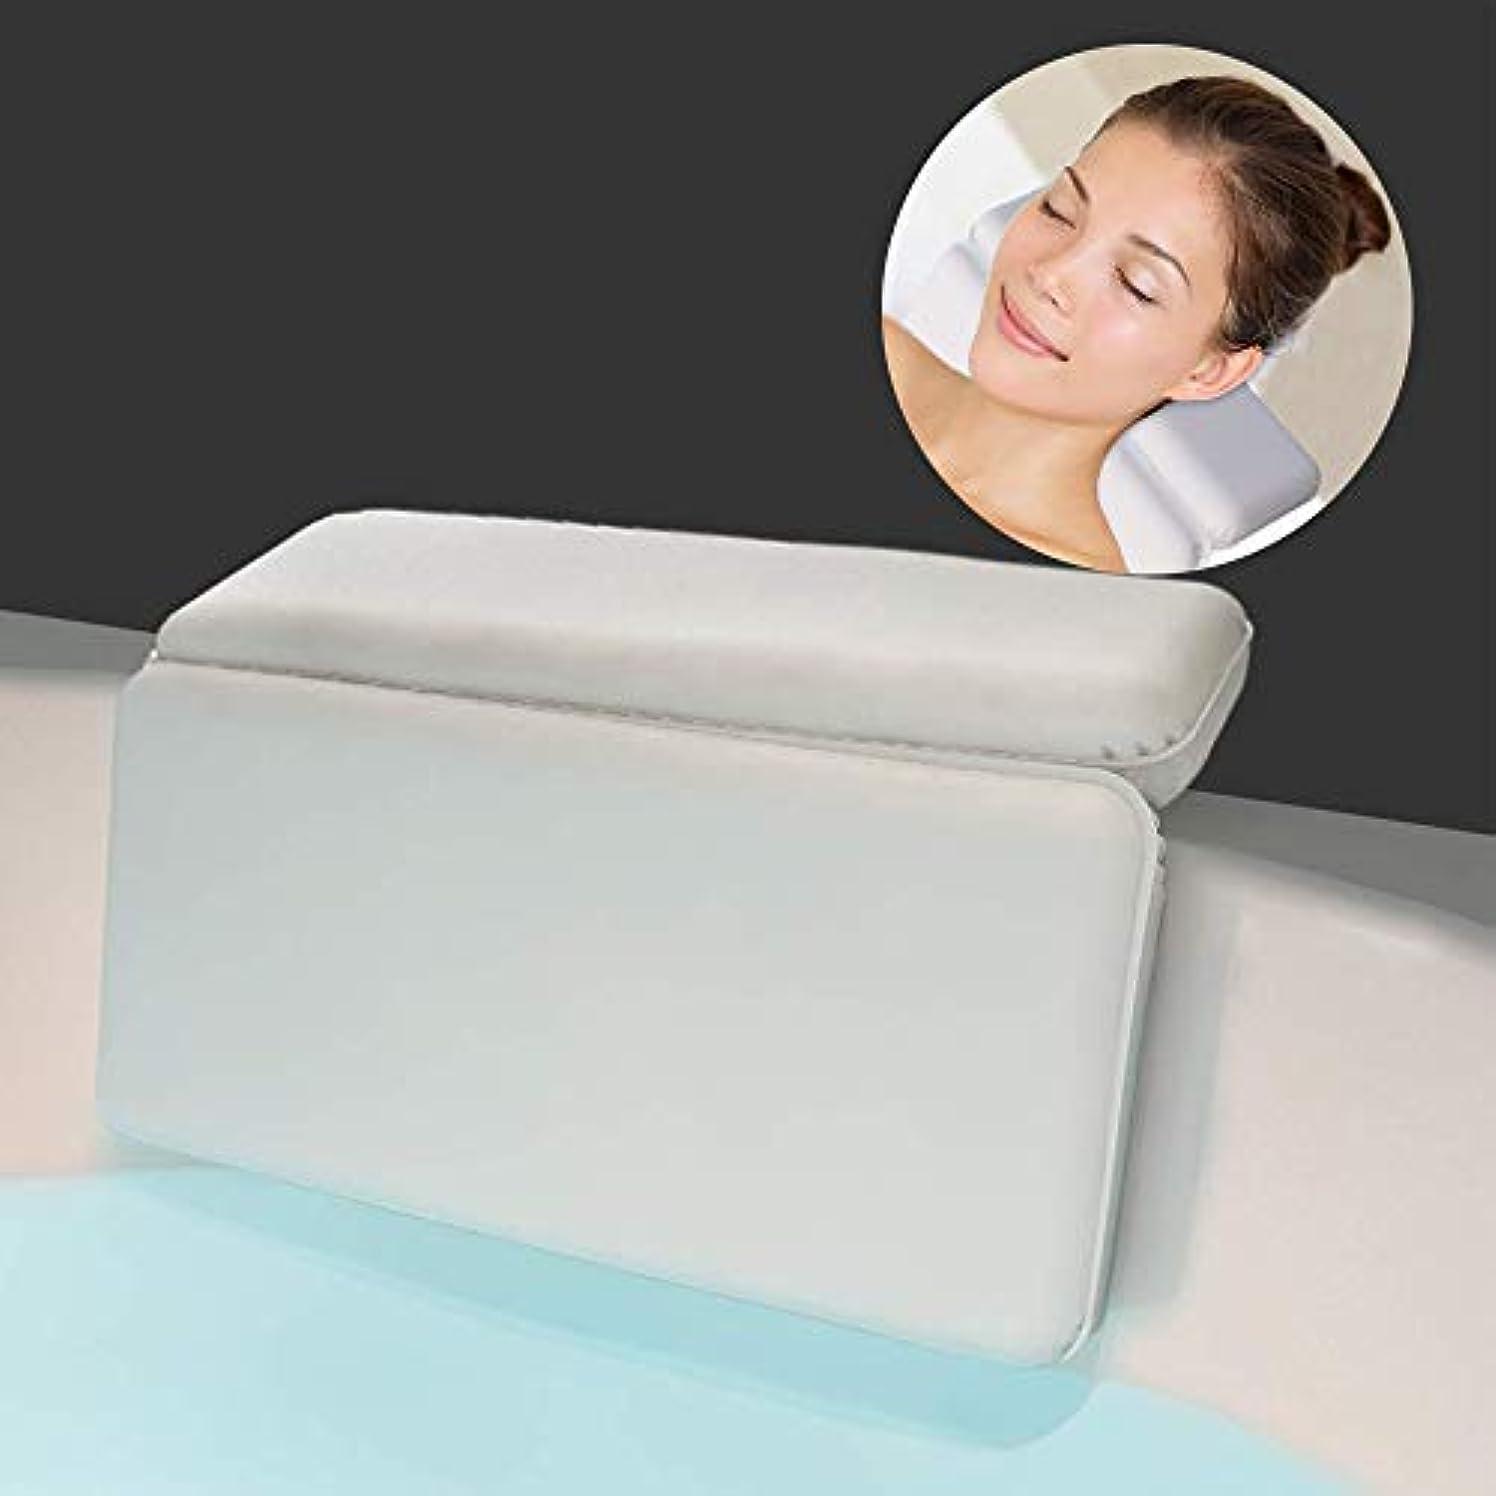 研究マッサージ誤サクションカップ付き防水ソフトバスピローショルダー&ネックサポート用の高級バスクッション。あらゆるサイズの浴槽にフィット